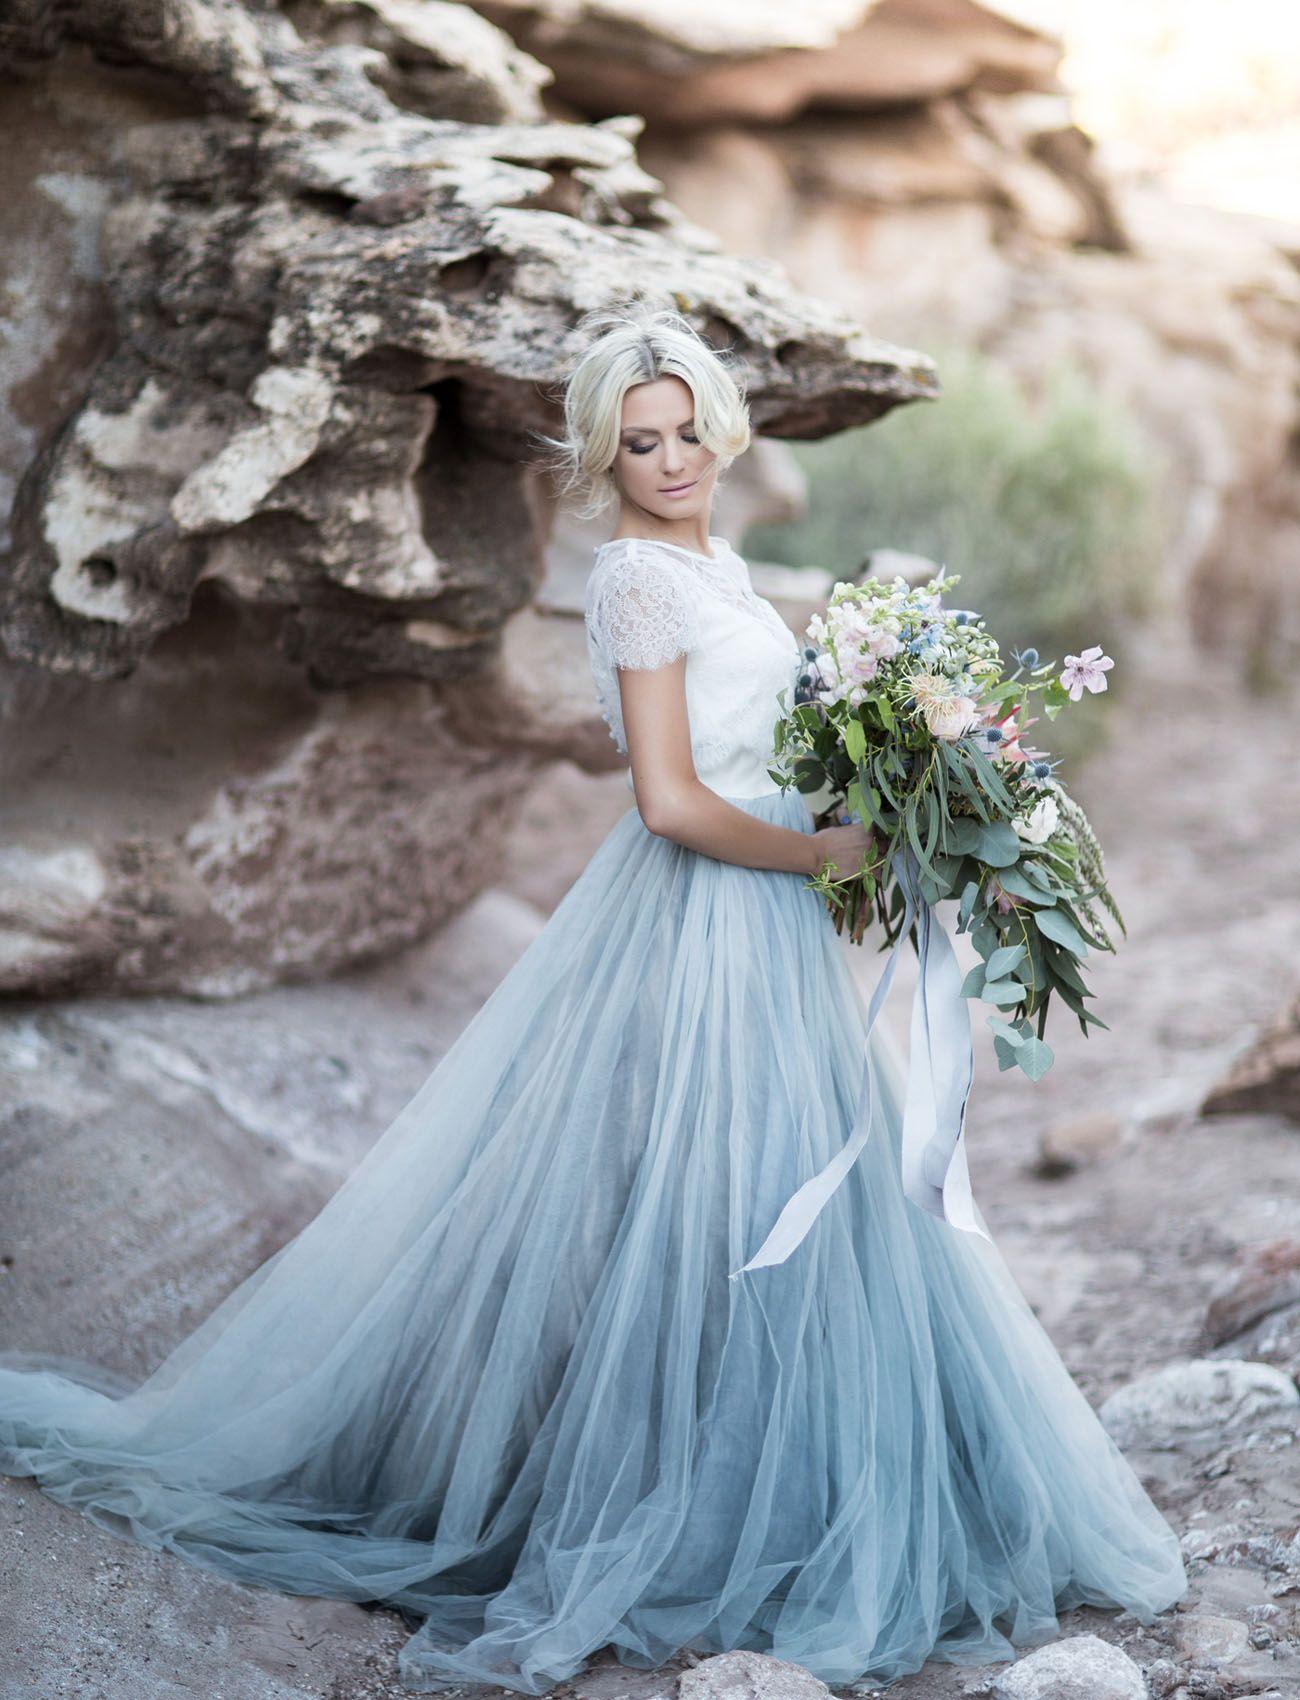 Brudbukett och brudklädsel i milda toner wedding wedding dress